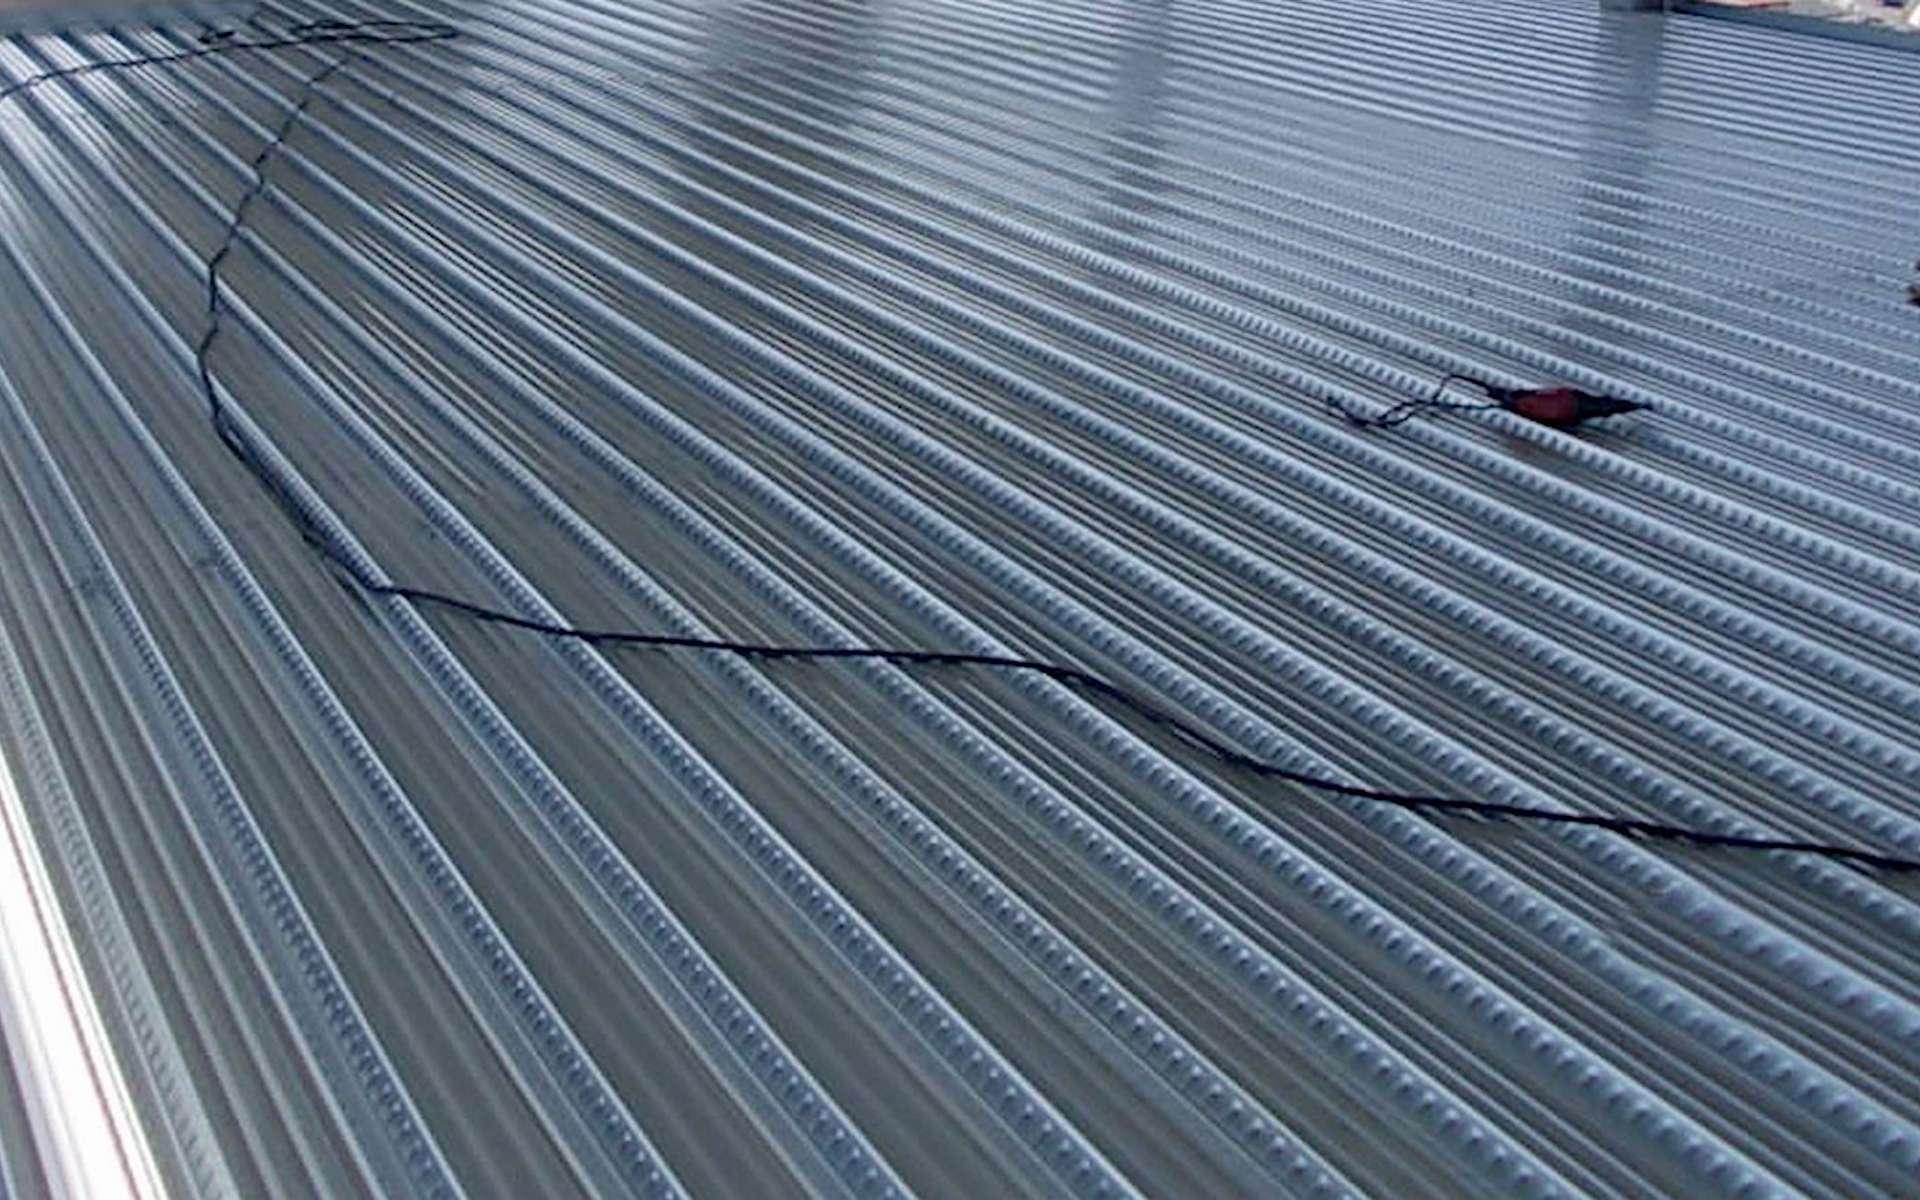 Les bacs acier se composent de tôles nervurées servant de coffrage autoportant à une dalle béton, qui est coulée dessus dans un second temps. © FranceMetal